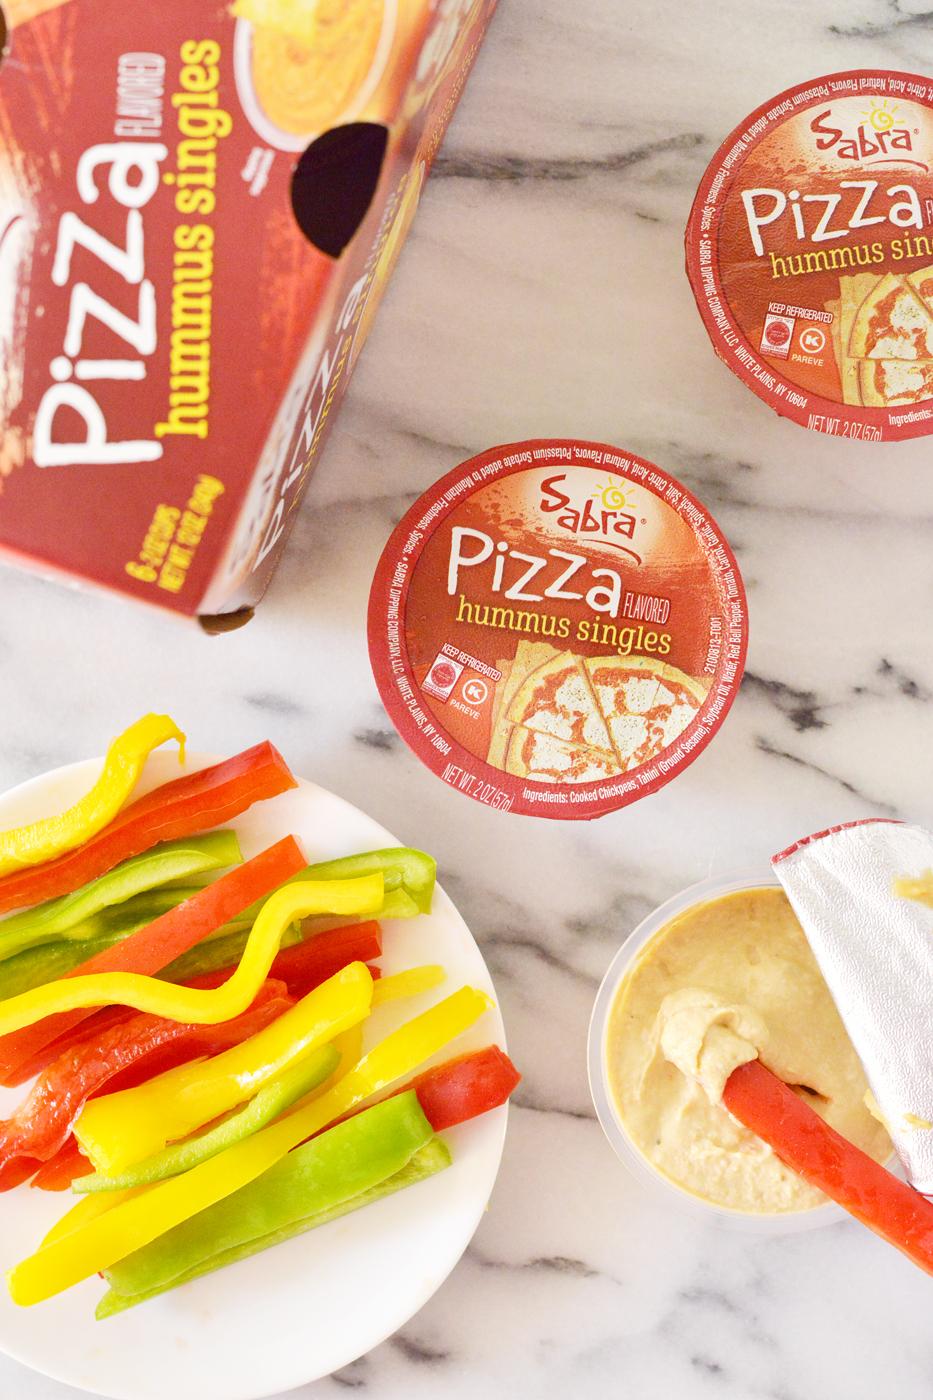 Pizza Hummus Burritas